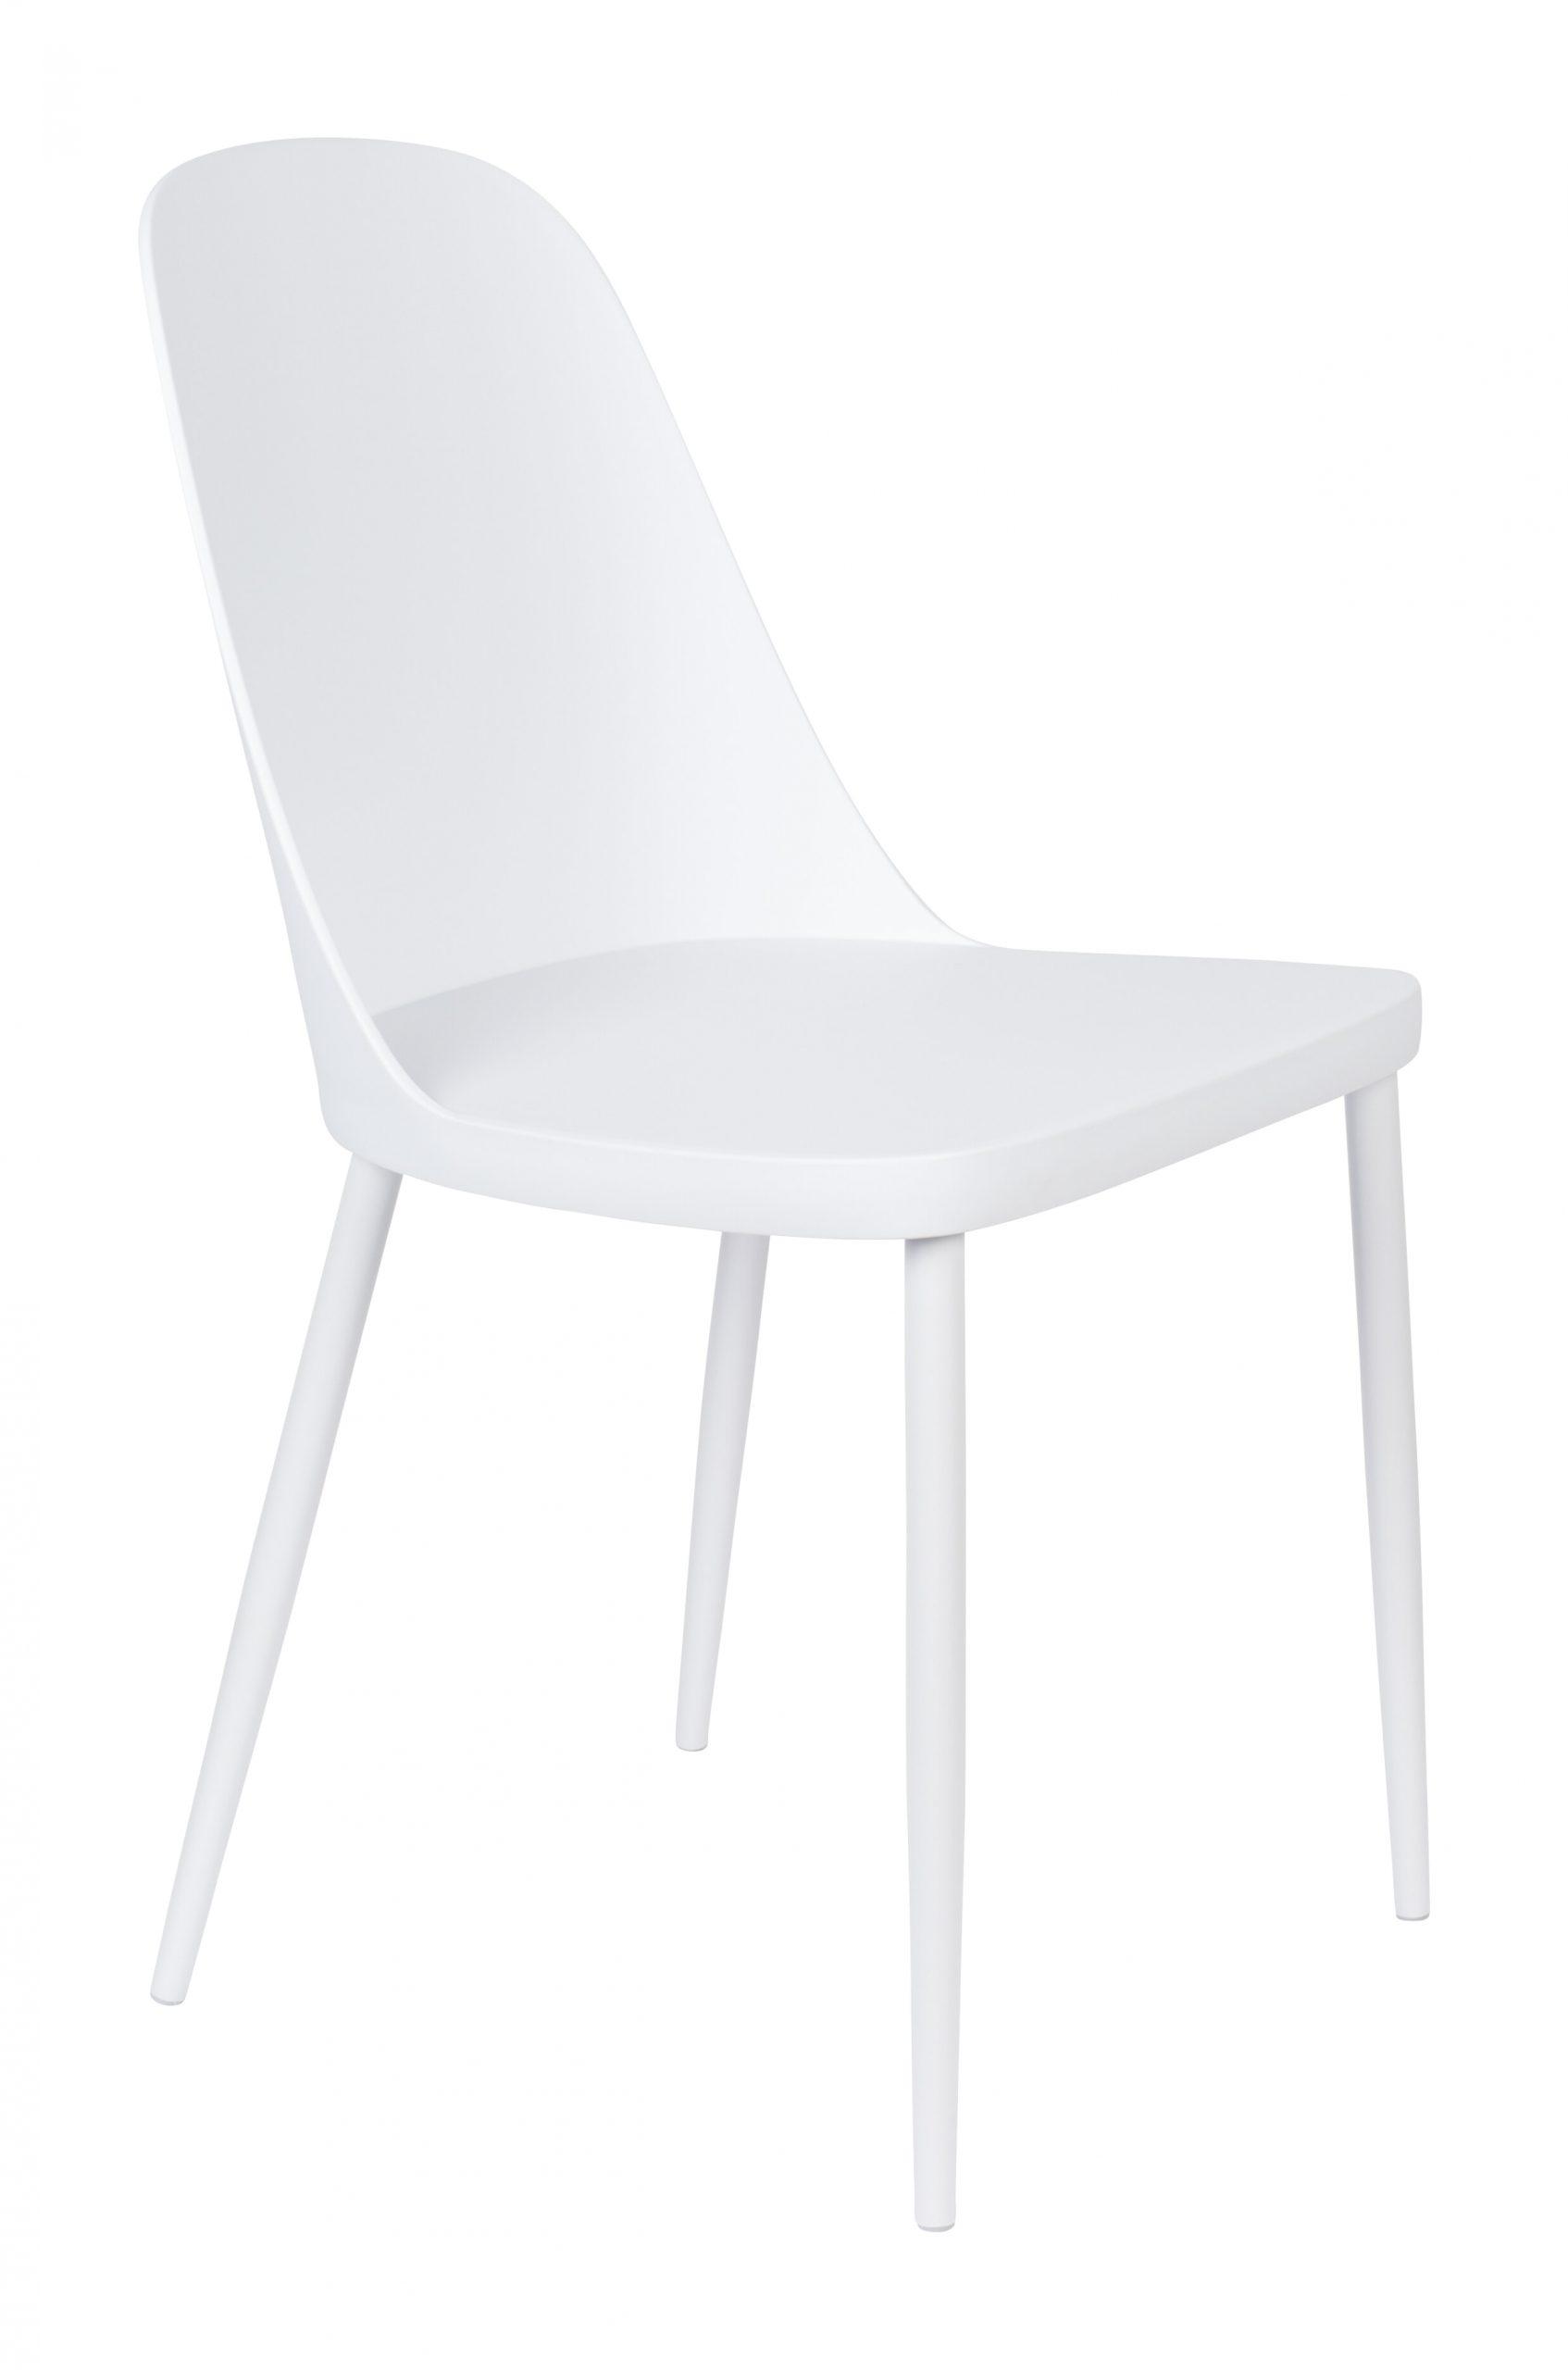 ZILT Eetkamerstoel 'Pip', kleur Wit | ZILT